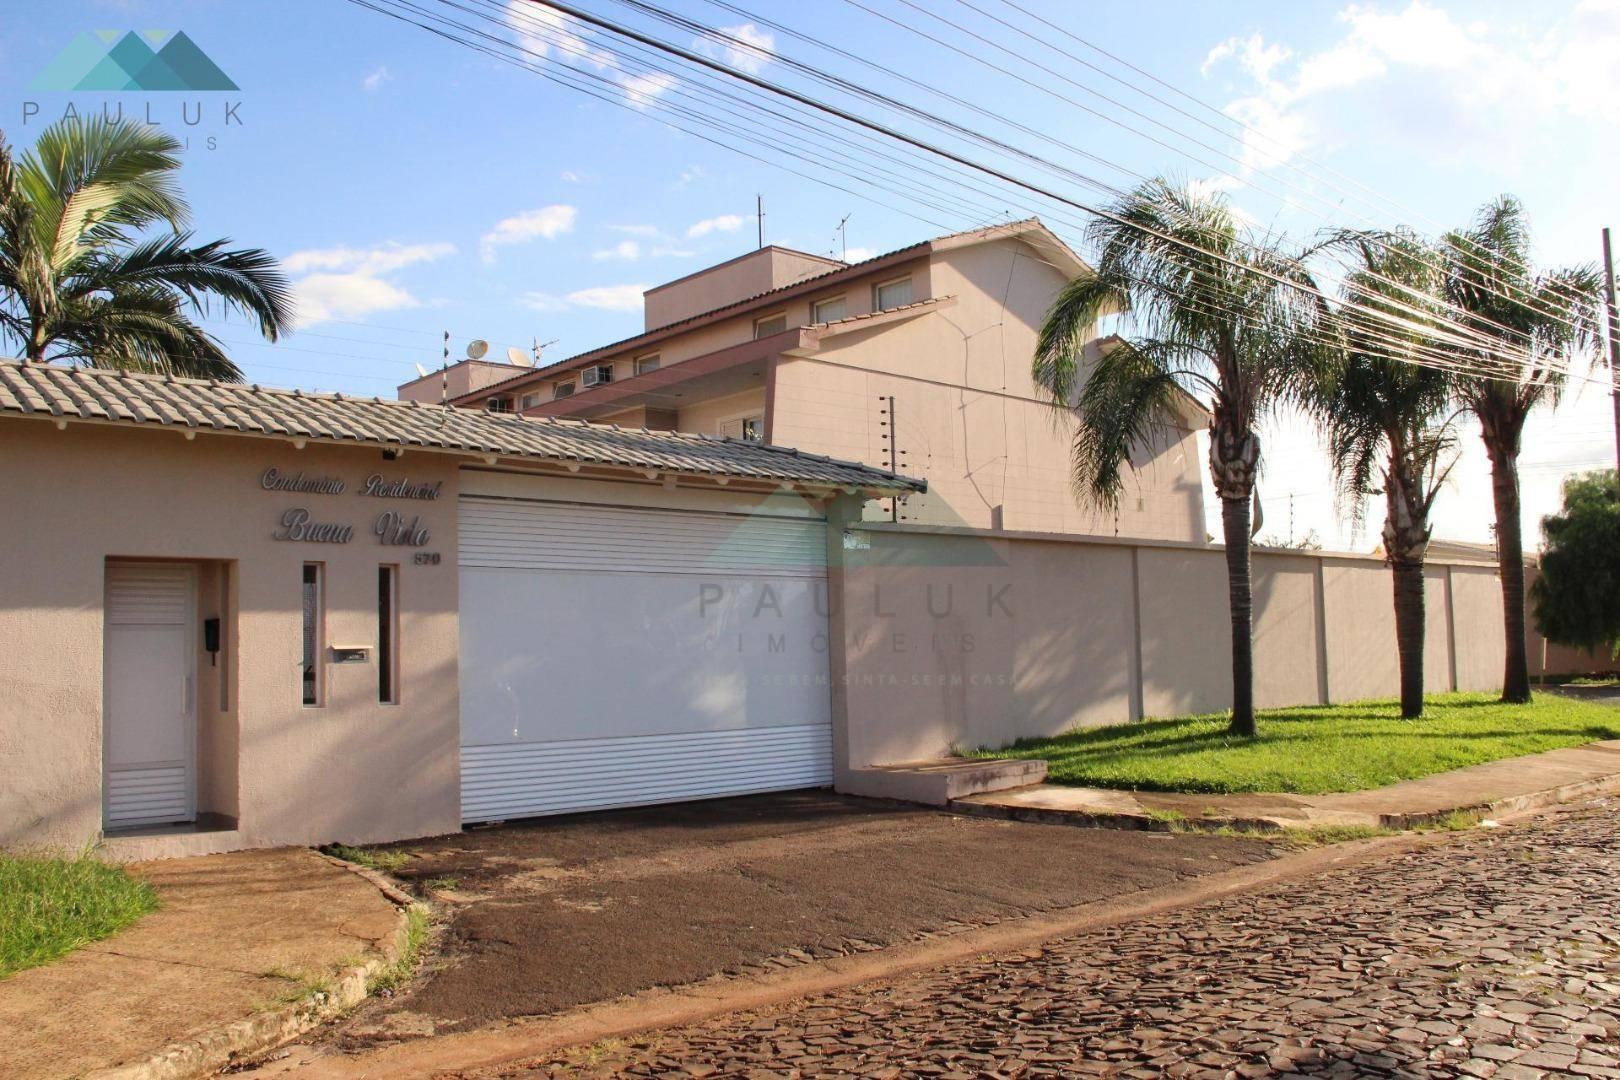 Sobrado com 4 Dormitórios, Sendo 1 Suíte, à Venda, 173 M² Por R$ 425.000 - Conjunto Residencial Buen | PAULUK IMÓVEIS | Portal OBusca